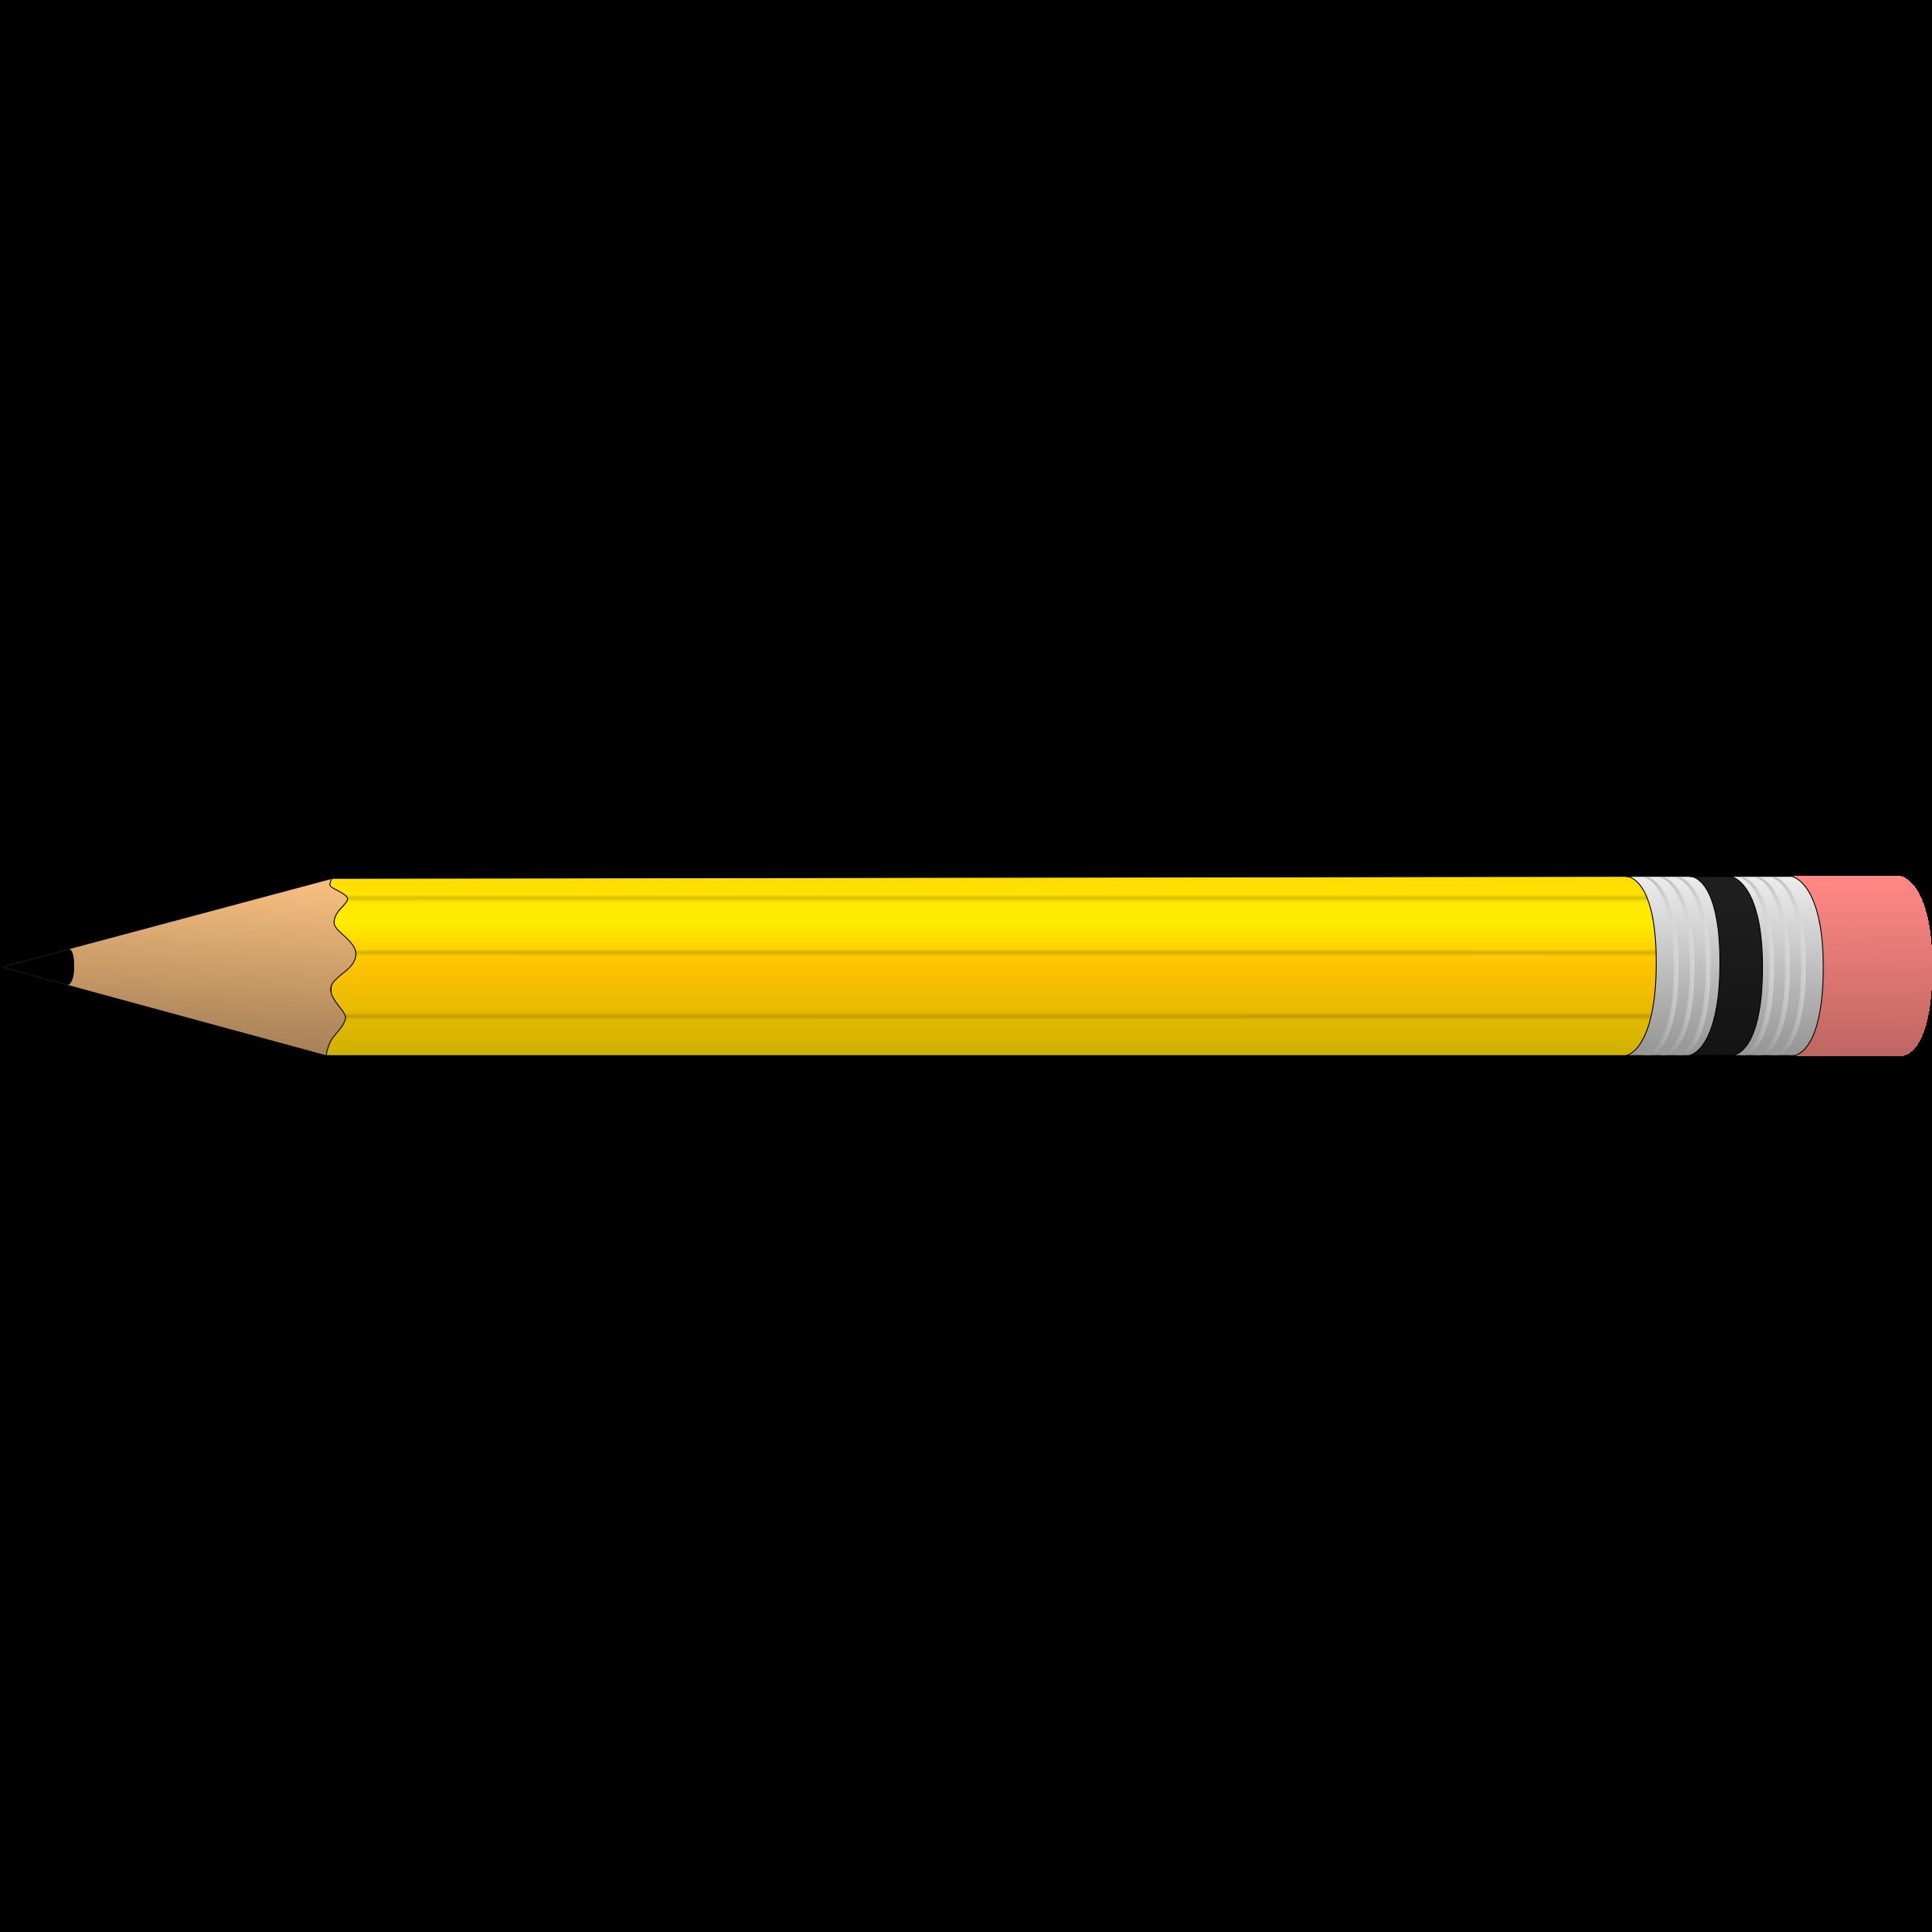 Horizontal Pencil Clipart Pencil Clipart-Horizontal Pencil Clipart Pencil Clipart-15